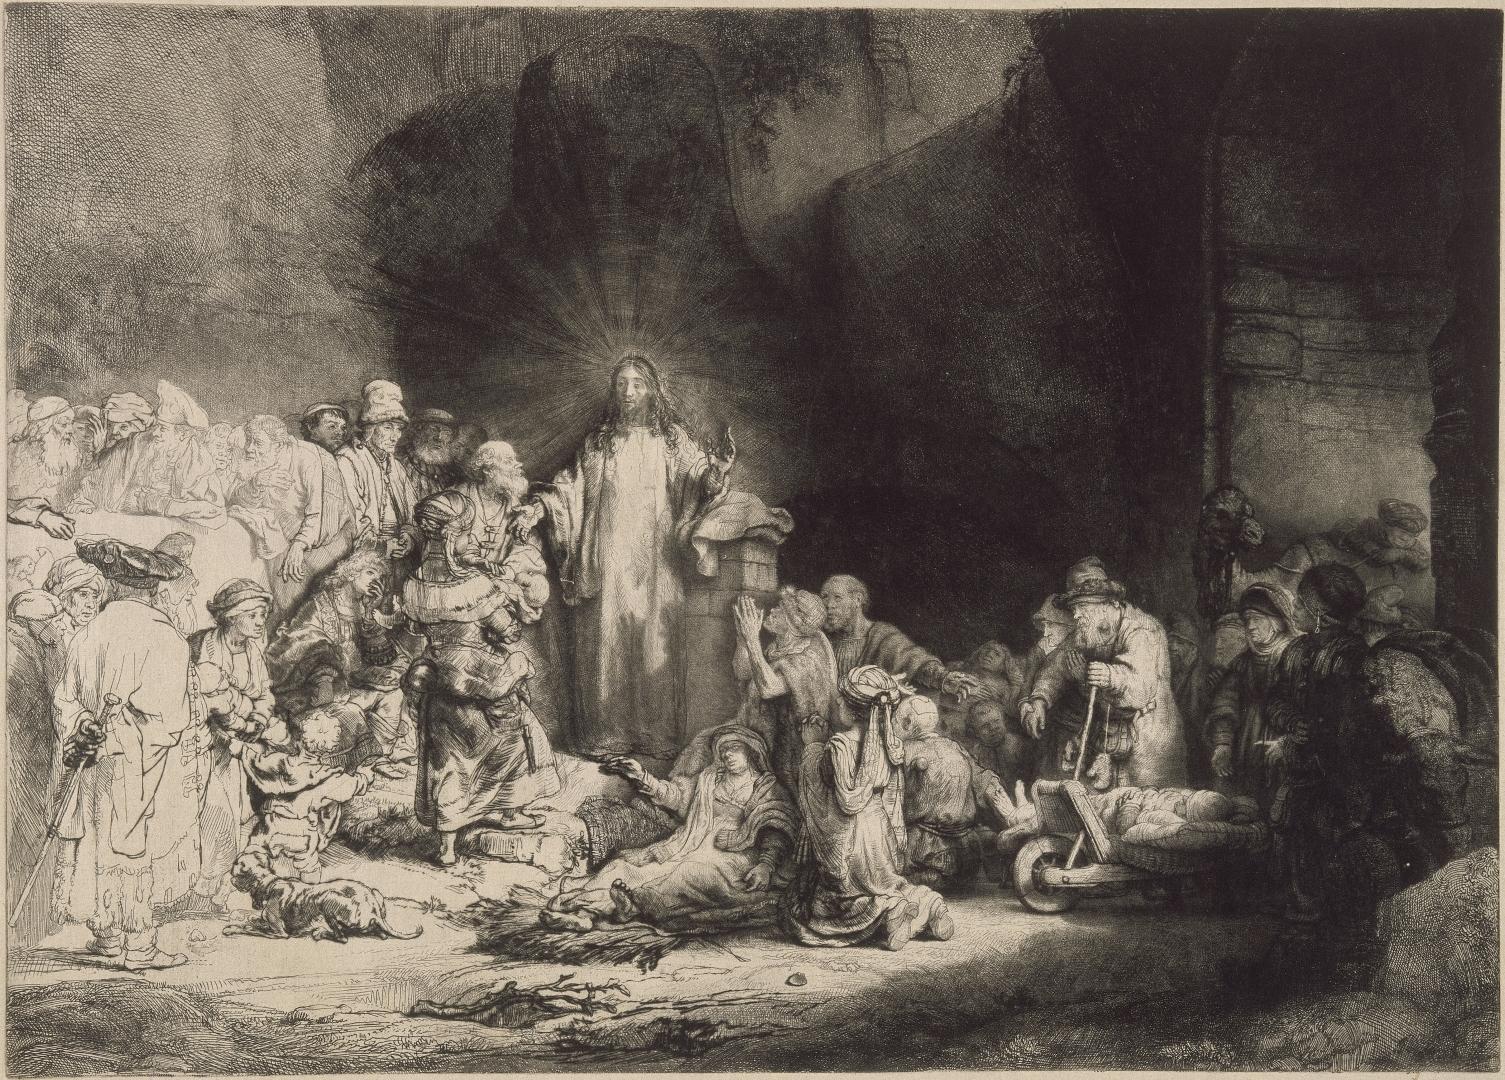 林布蘭 萊頓(荷蘭),1606年 ― 阿姆斯特丹,1669年 《耶穌行醫》 約1649年 凹版、蝕刻、推刀;初印稿 高:28.1厘米,寬:39.2厘米(壓印痕) 艾特蒙.羅富齊藏品 羅浮宮博物館素描版畫部